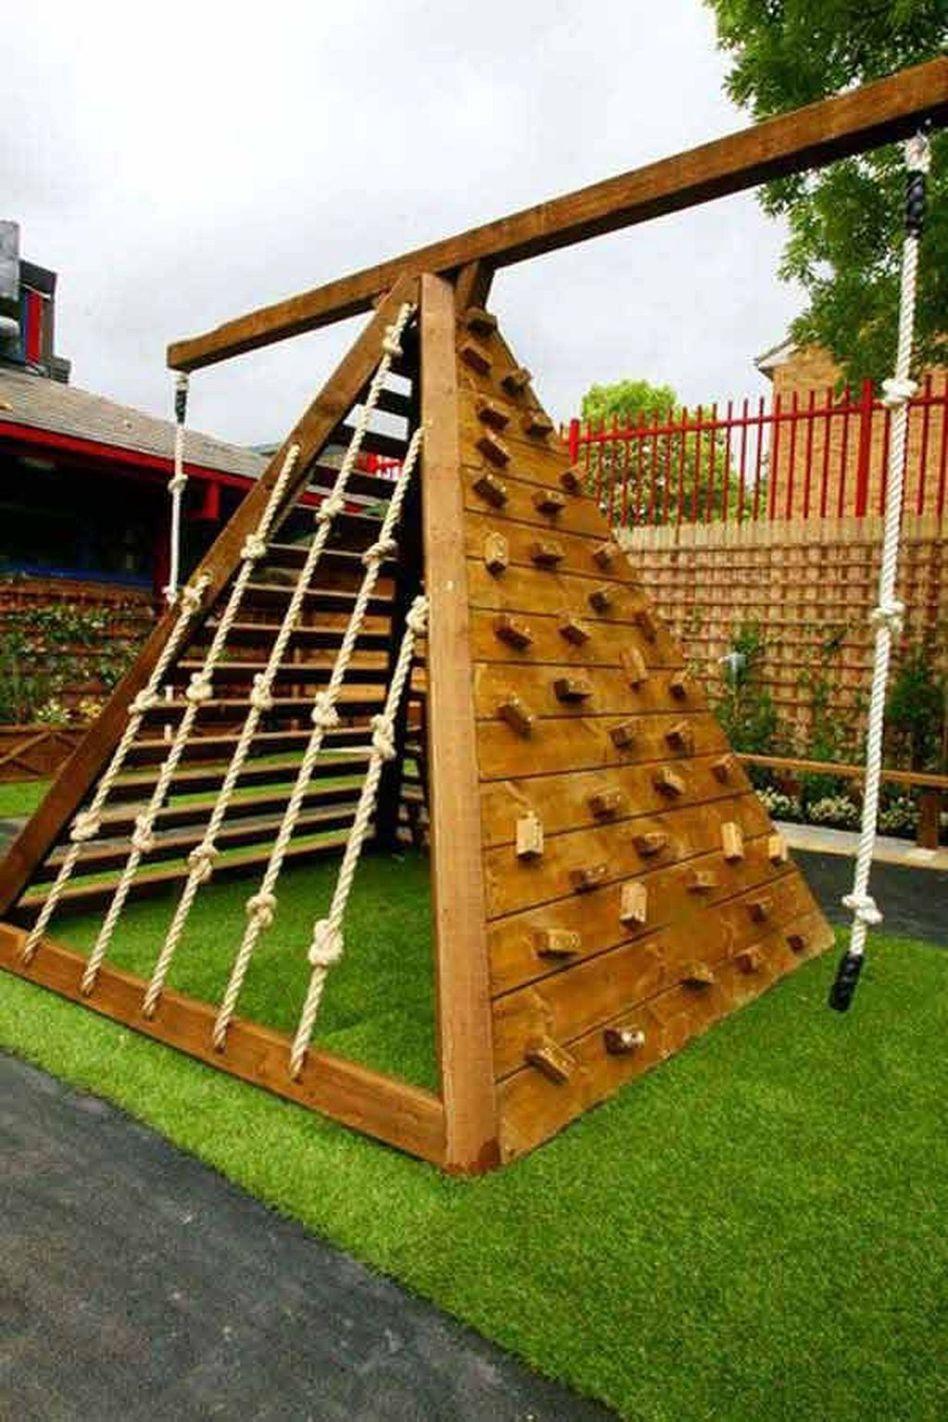 Creative Backyard Garden Playground For Kids 52 Backyard Diy